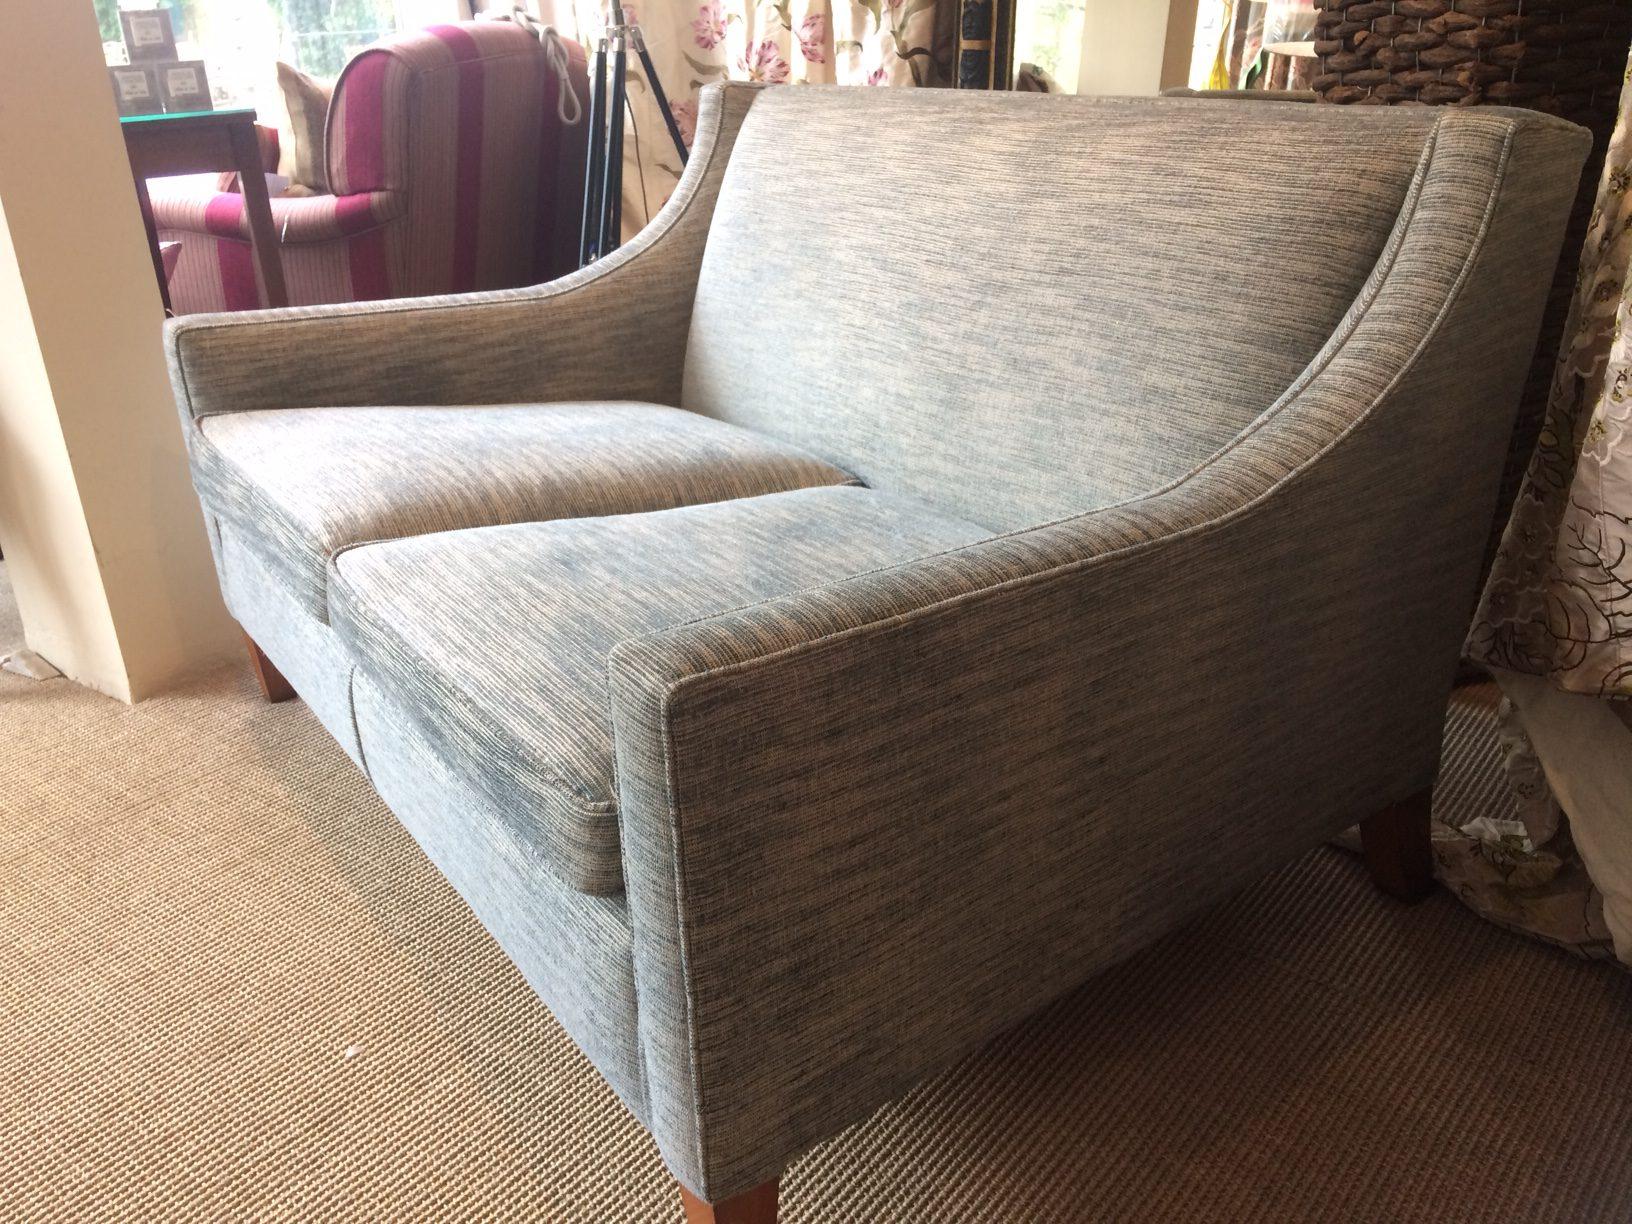 Zoffany Josephine Sofa - Felbrigg Design inside Josephine Sofa Chairs